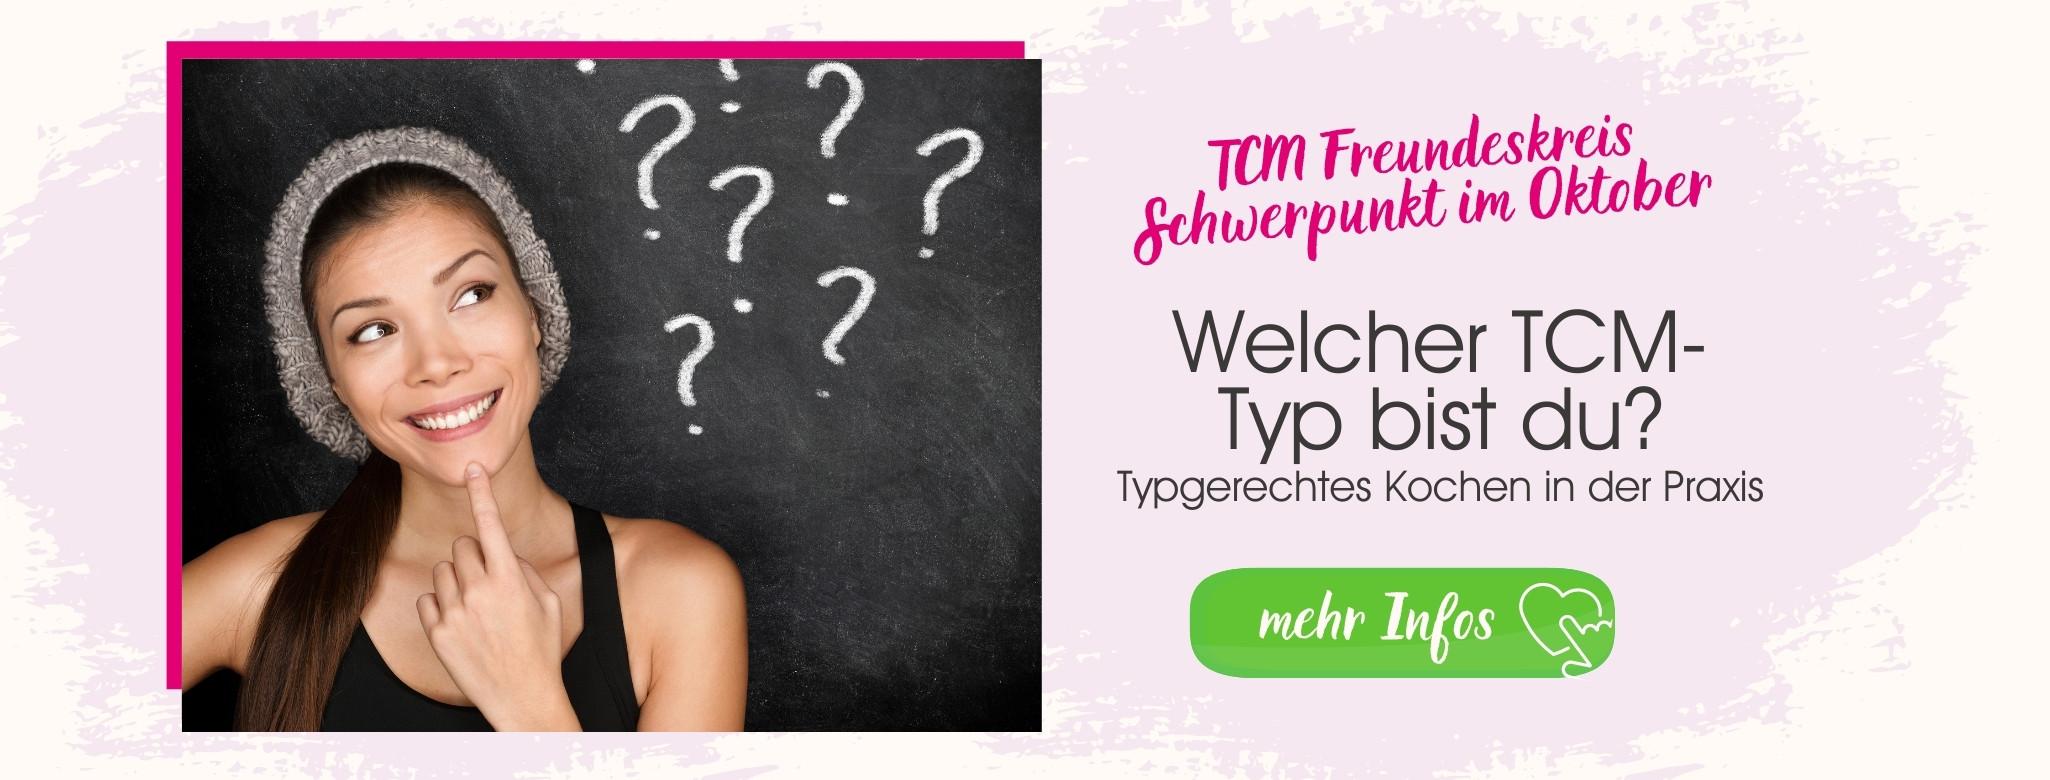 Welcher TCM-Typ bist du - Hitze-Typ - Kälte-Typ - Nässe-Typ - Trockenheits-Typ - Yang-Mangel - Yin-Mangel - Yang-Fülle - Schlacken, Nässe, Feuchtigkeit, trübe Säfte ausleiten - Orangenhaut - Traditionelle Chinesische Medizin - Grundlagen TCM - Basics TCM - 5 Elemente - Fünf Elemente - TCM Ernährung - Ernährungsumstellung - Anna Reschreiter - annatsu